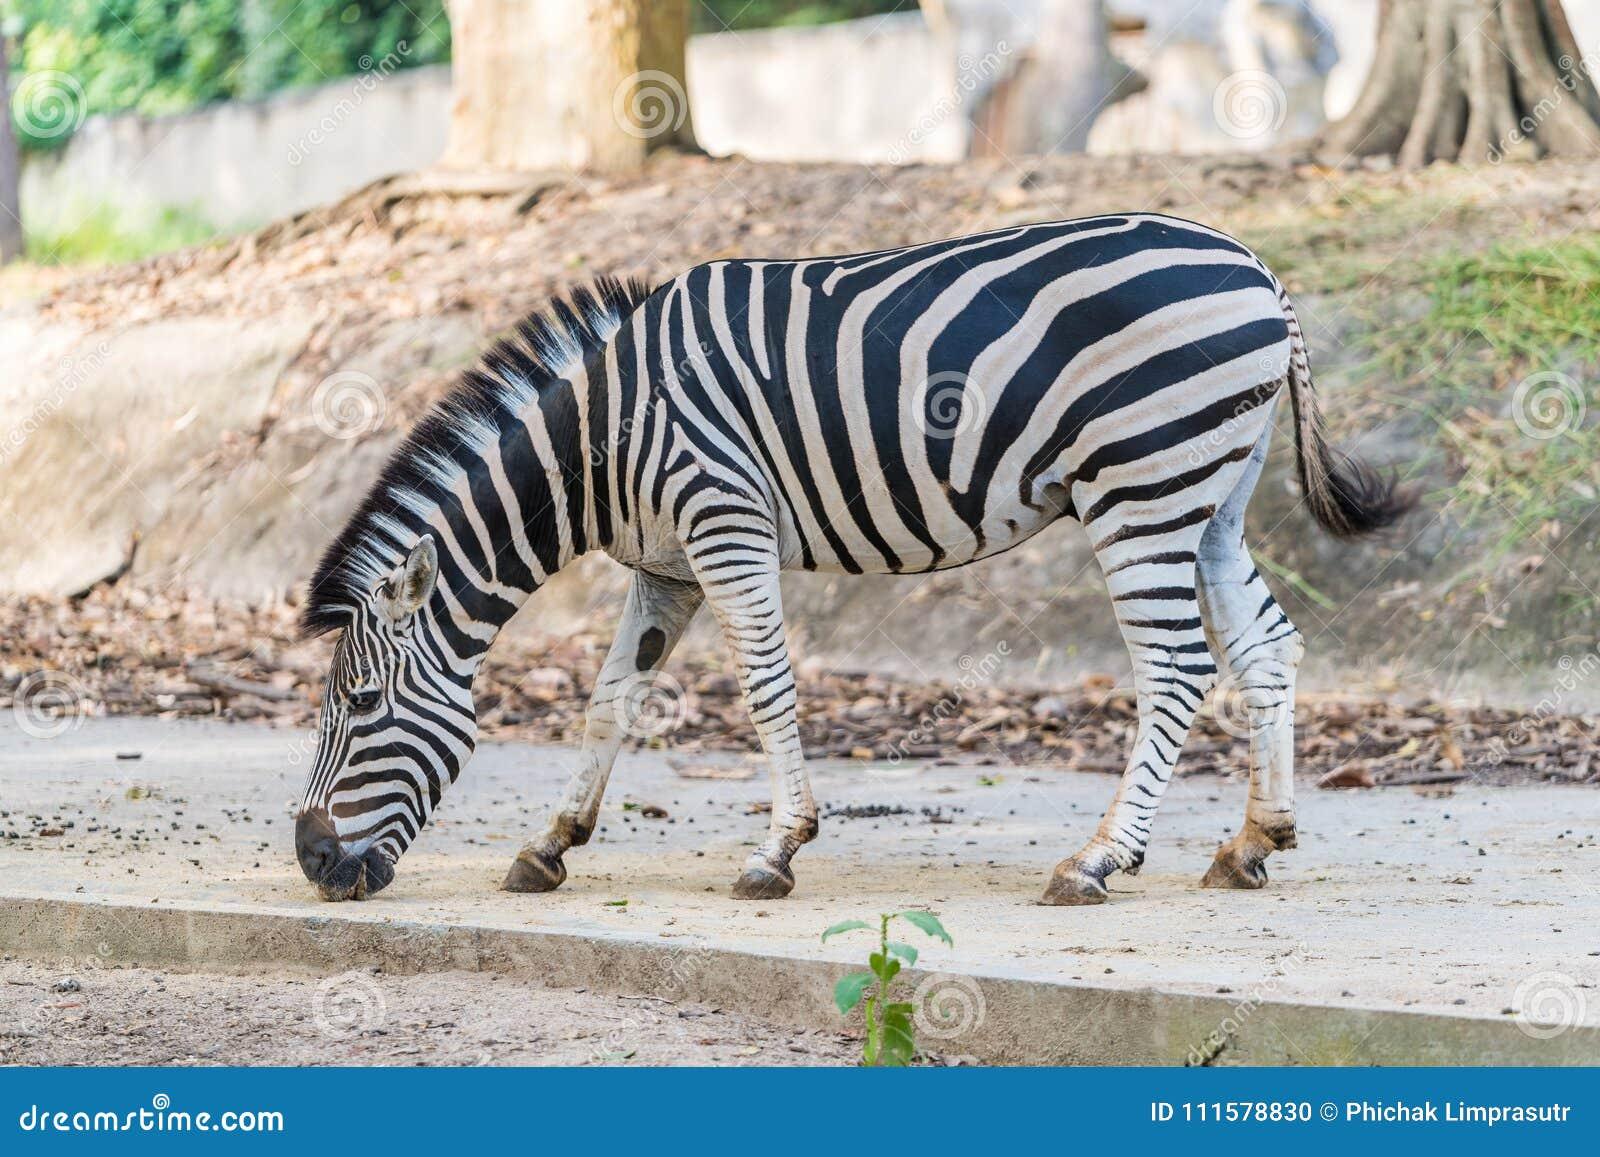 Ένα με ραβδώσεις κάτω από την αιχμαλωσία σε έναν ιδιωτικό ζωολογικό κήπο